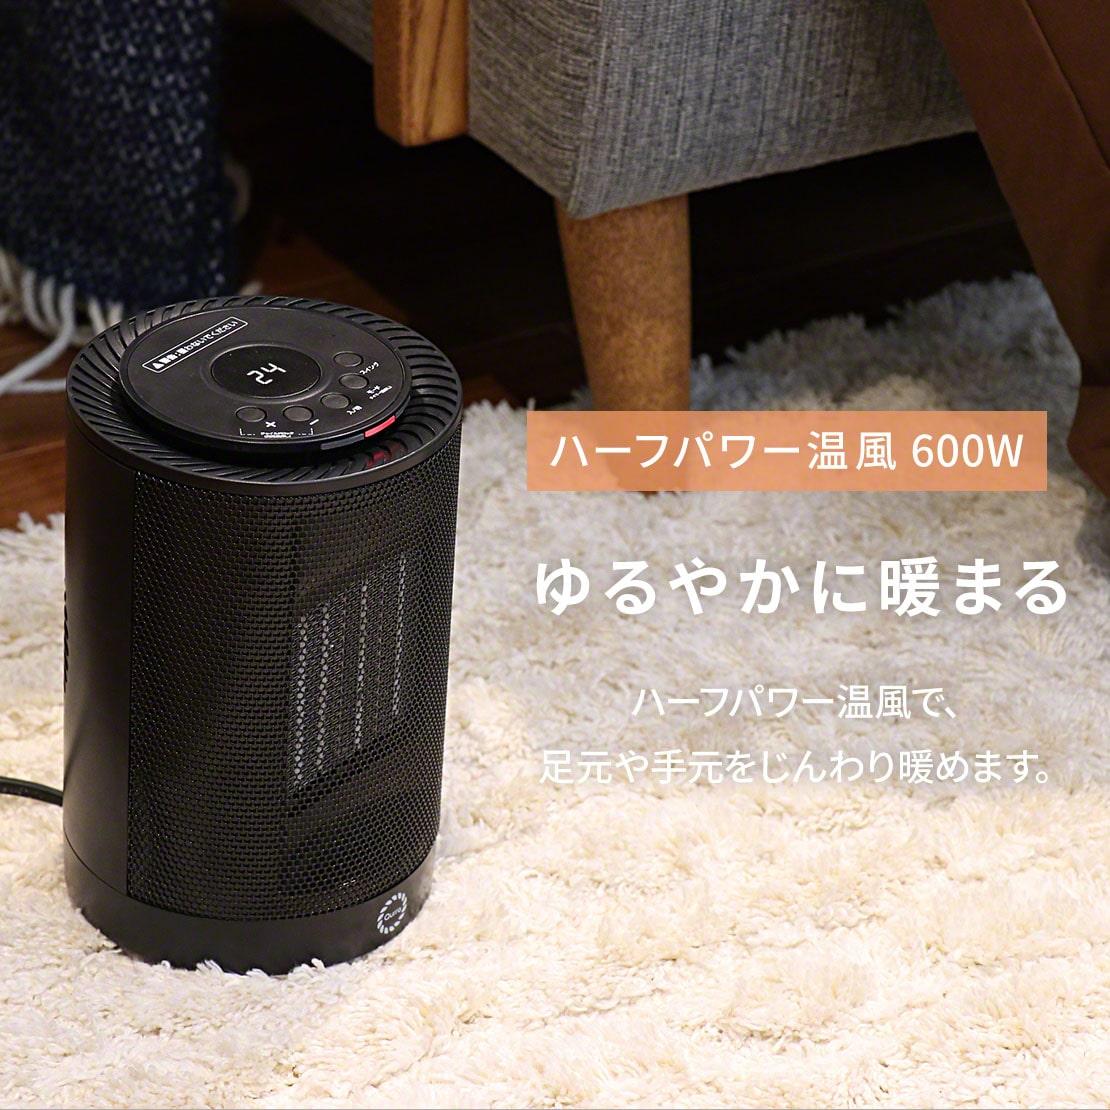 ハーフパワー 温風 600W ハーフパワー温風で、 足元や手元をじんわり暖めます。